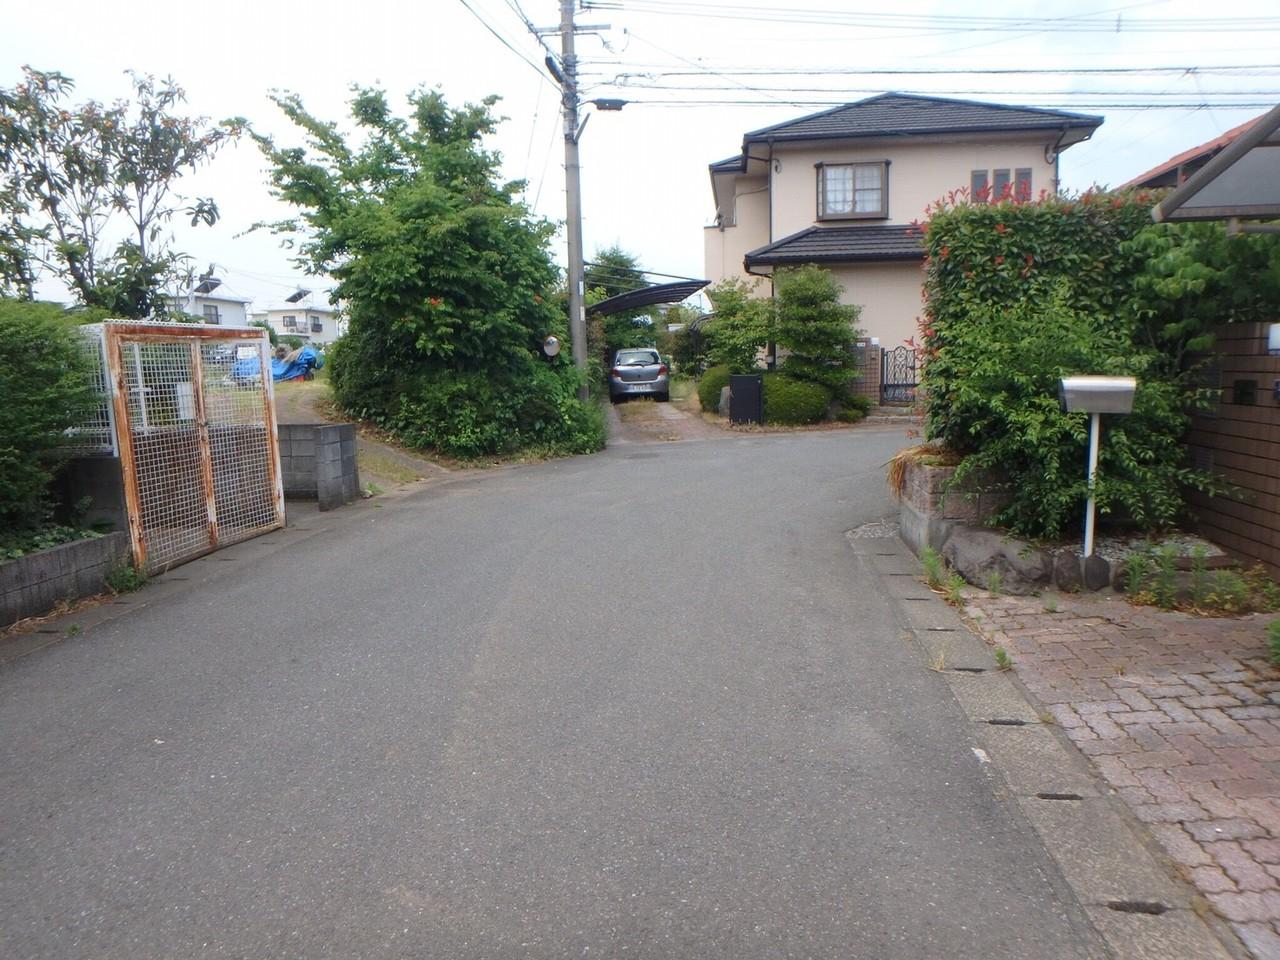 家の前の道路は広く、車の出し入れもスムーズに行えそうです!